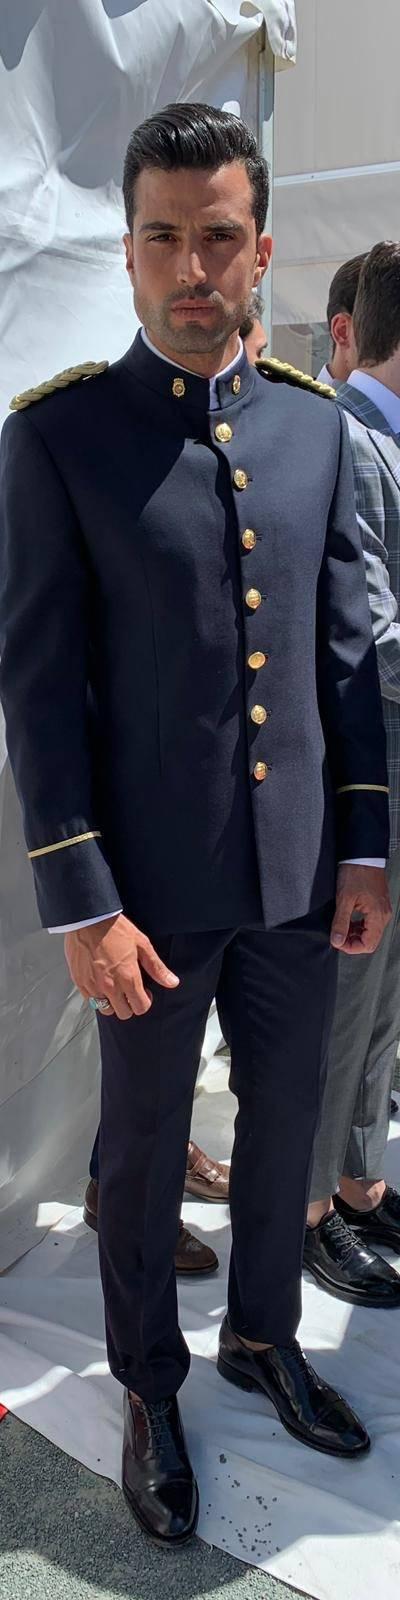 Presentación del uniforme de gran gala policía nacional y sables